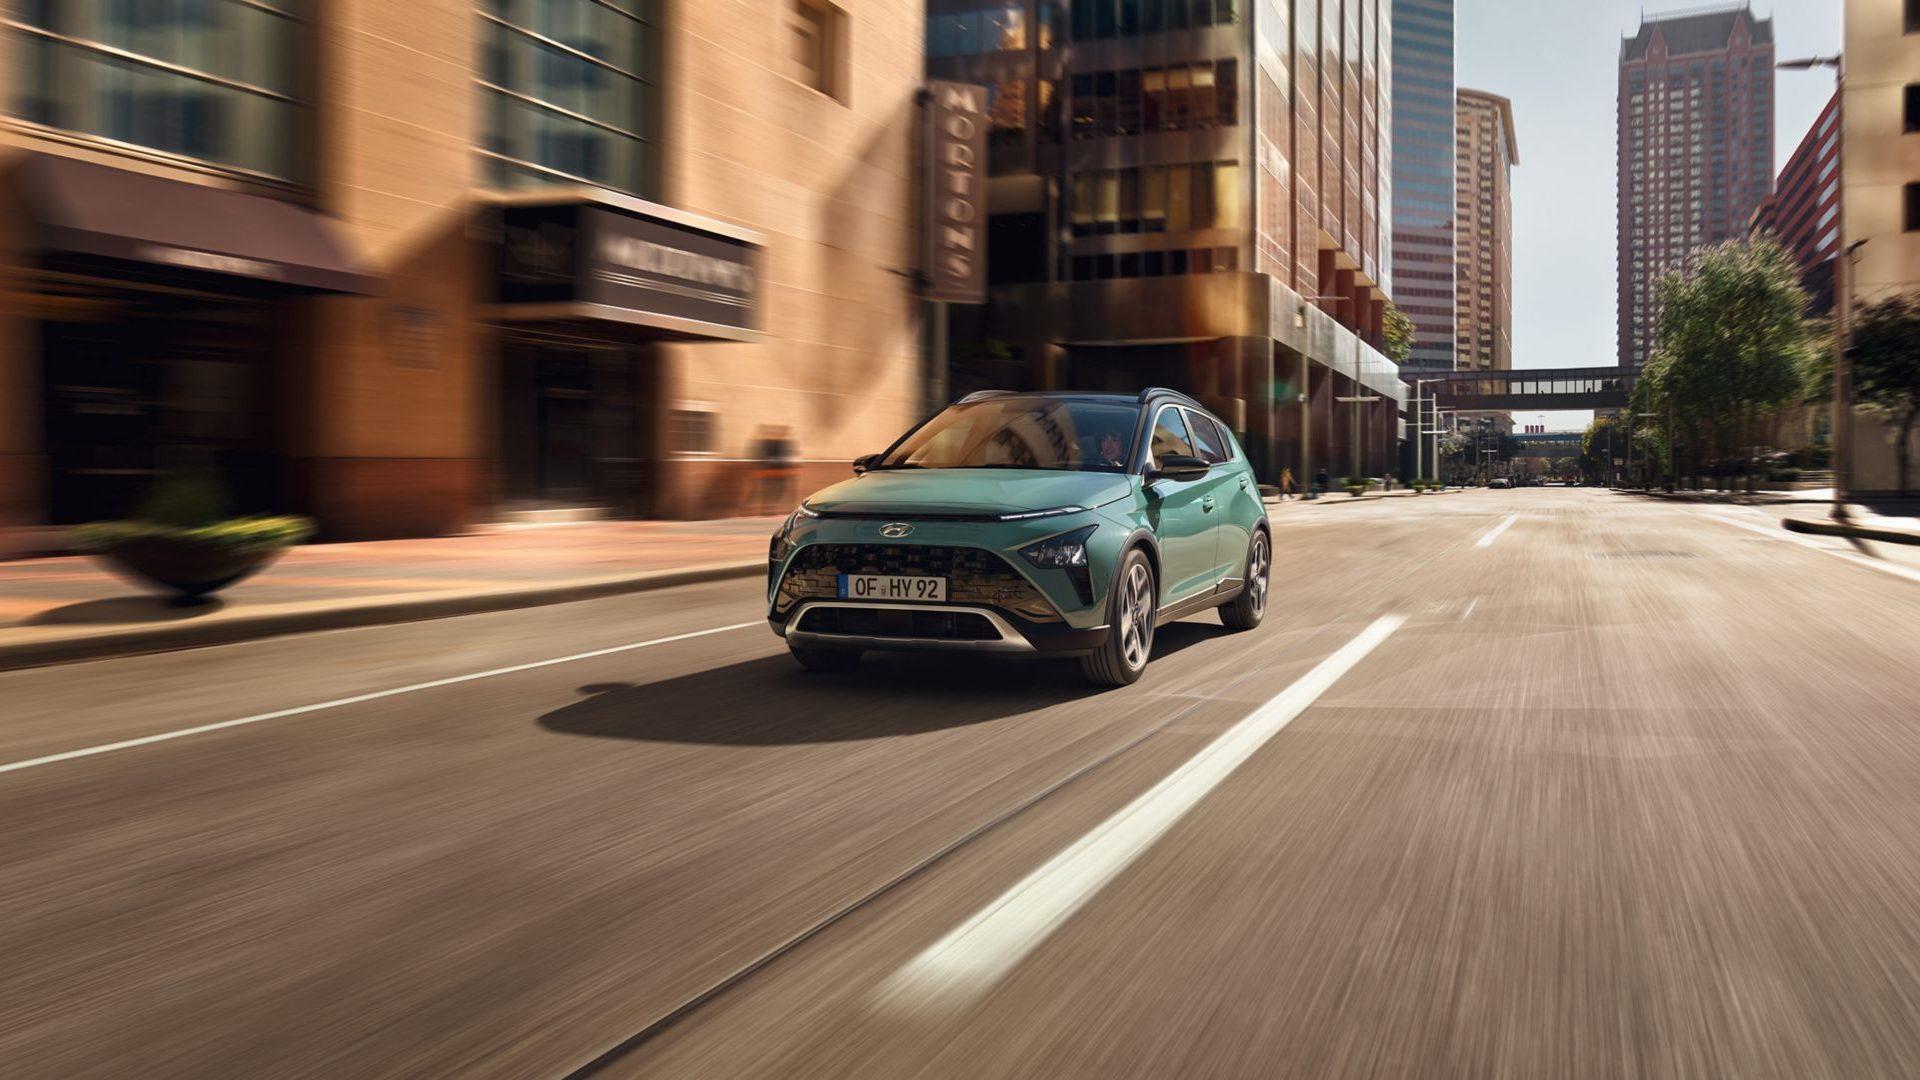 Oštrim izgledom i integracijom Hyundaijevih elegantnih SUV ključnih elemenata dizajna, BAYON's ima snažan elegantni dizajnerski stav.